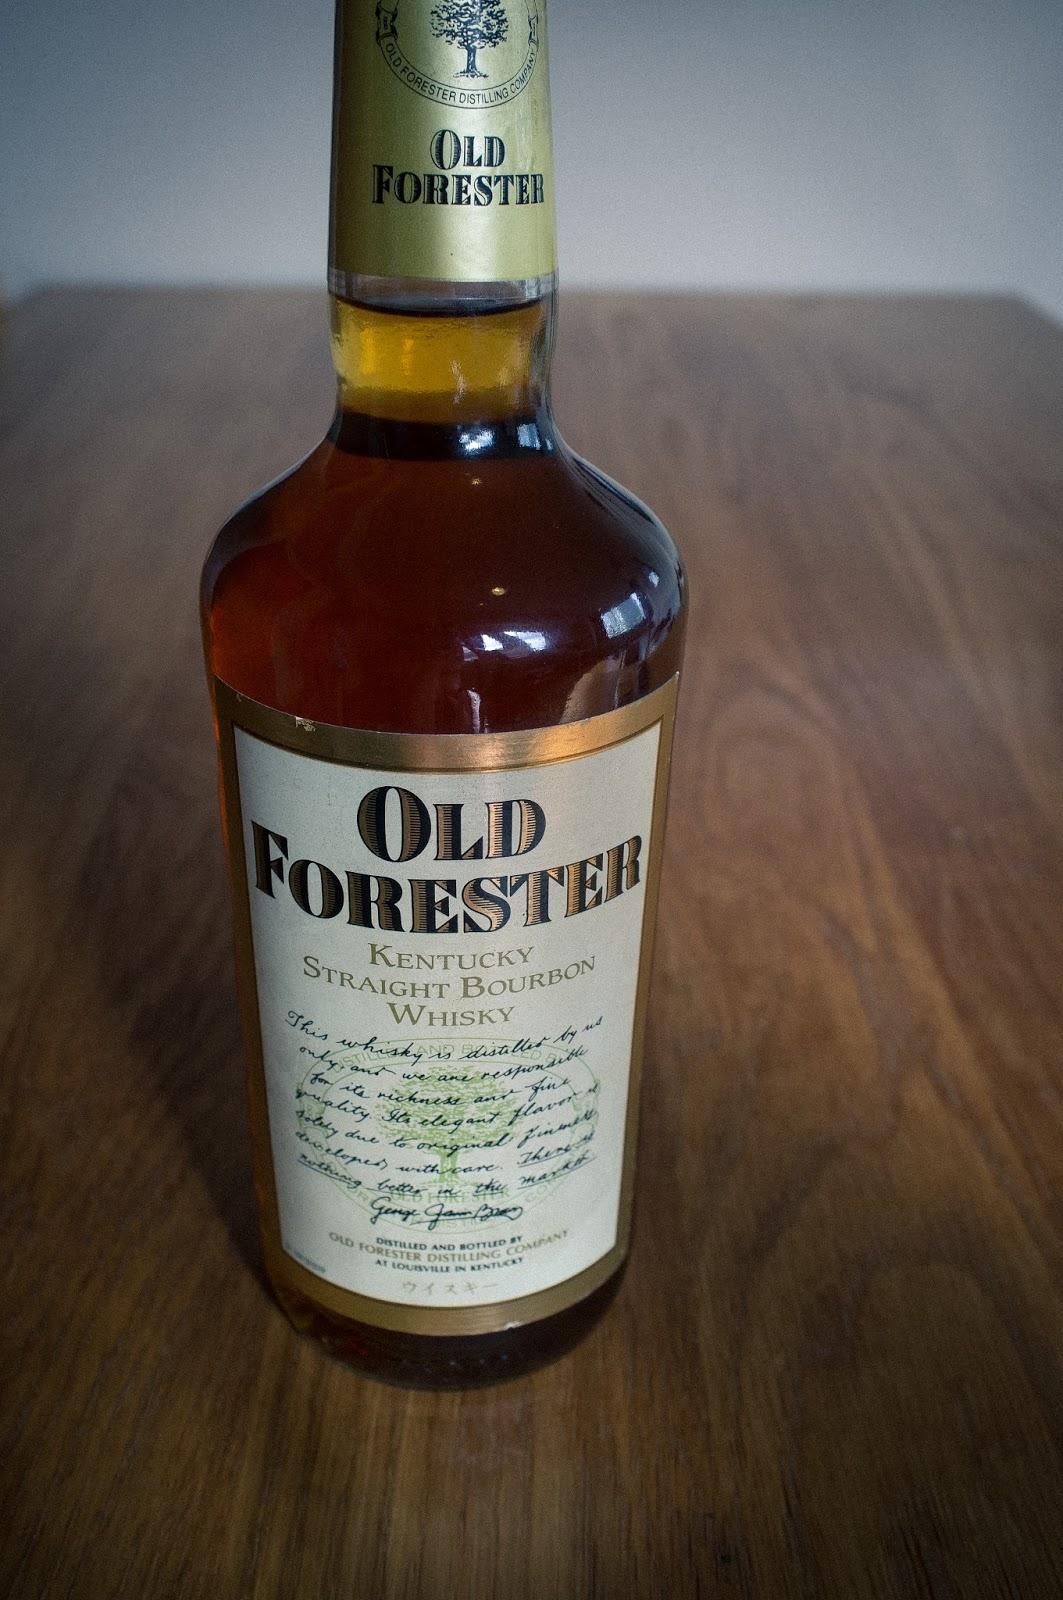 Dating old forester bottled